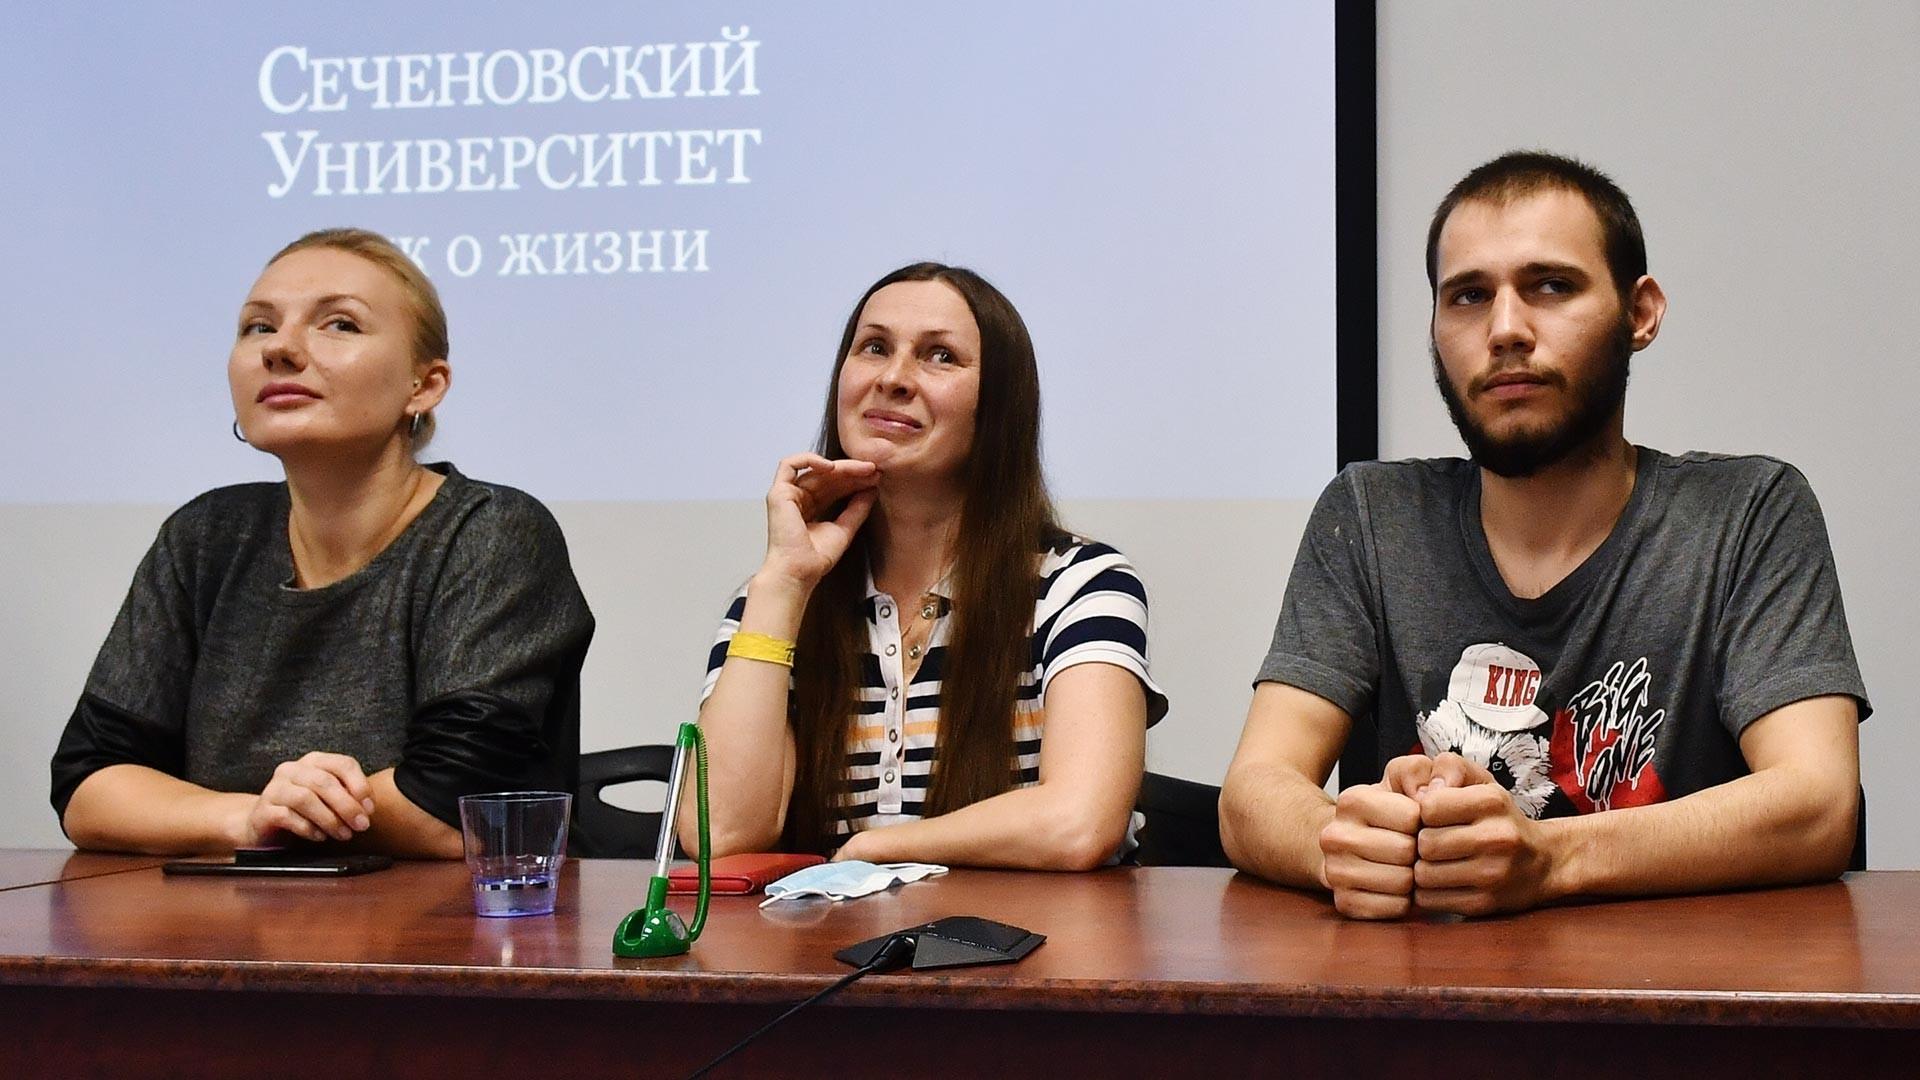 """Доброволците-испитаници во тестирањето на вакцината против КОВИД-19 на прес-конференцијата во Универзитетот """"Сеченов"""". Вакцинирани се на 18 јуни, а отпуштени се на 15 јули 2020 година. Пред отпуштањето беа сместени во Научно-практичниот центар за интервентна кардиологија на Универзитетот """"Сеченов""""."""